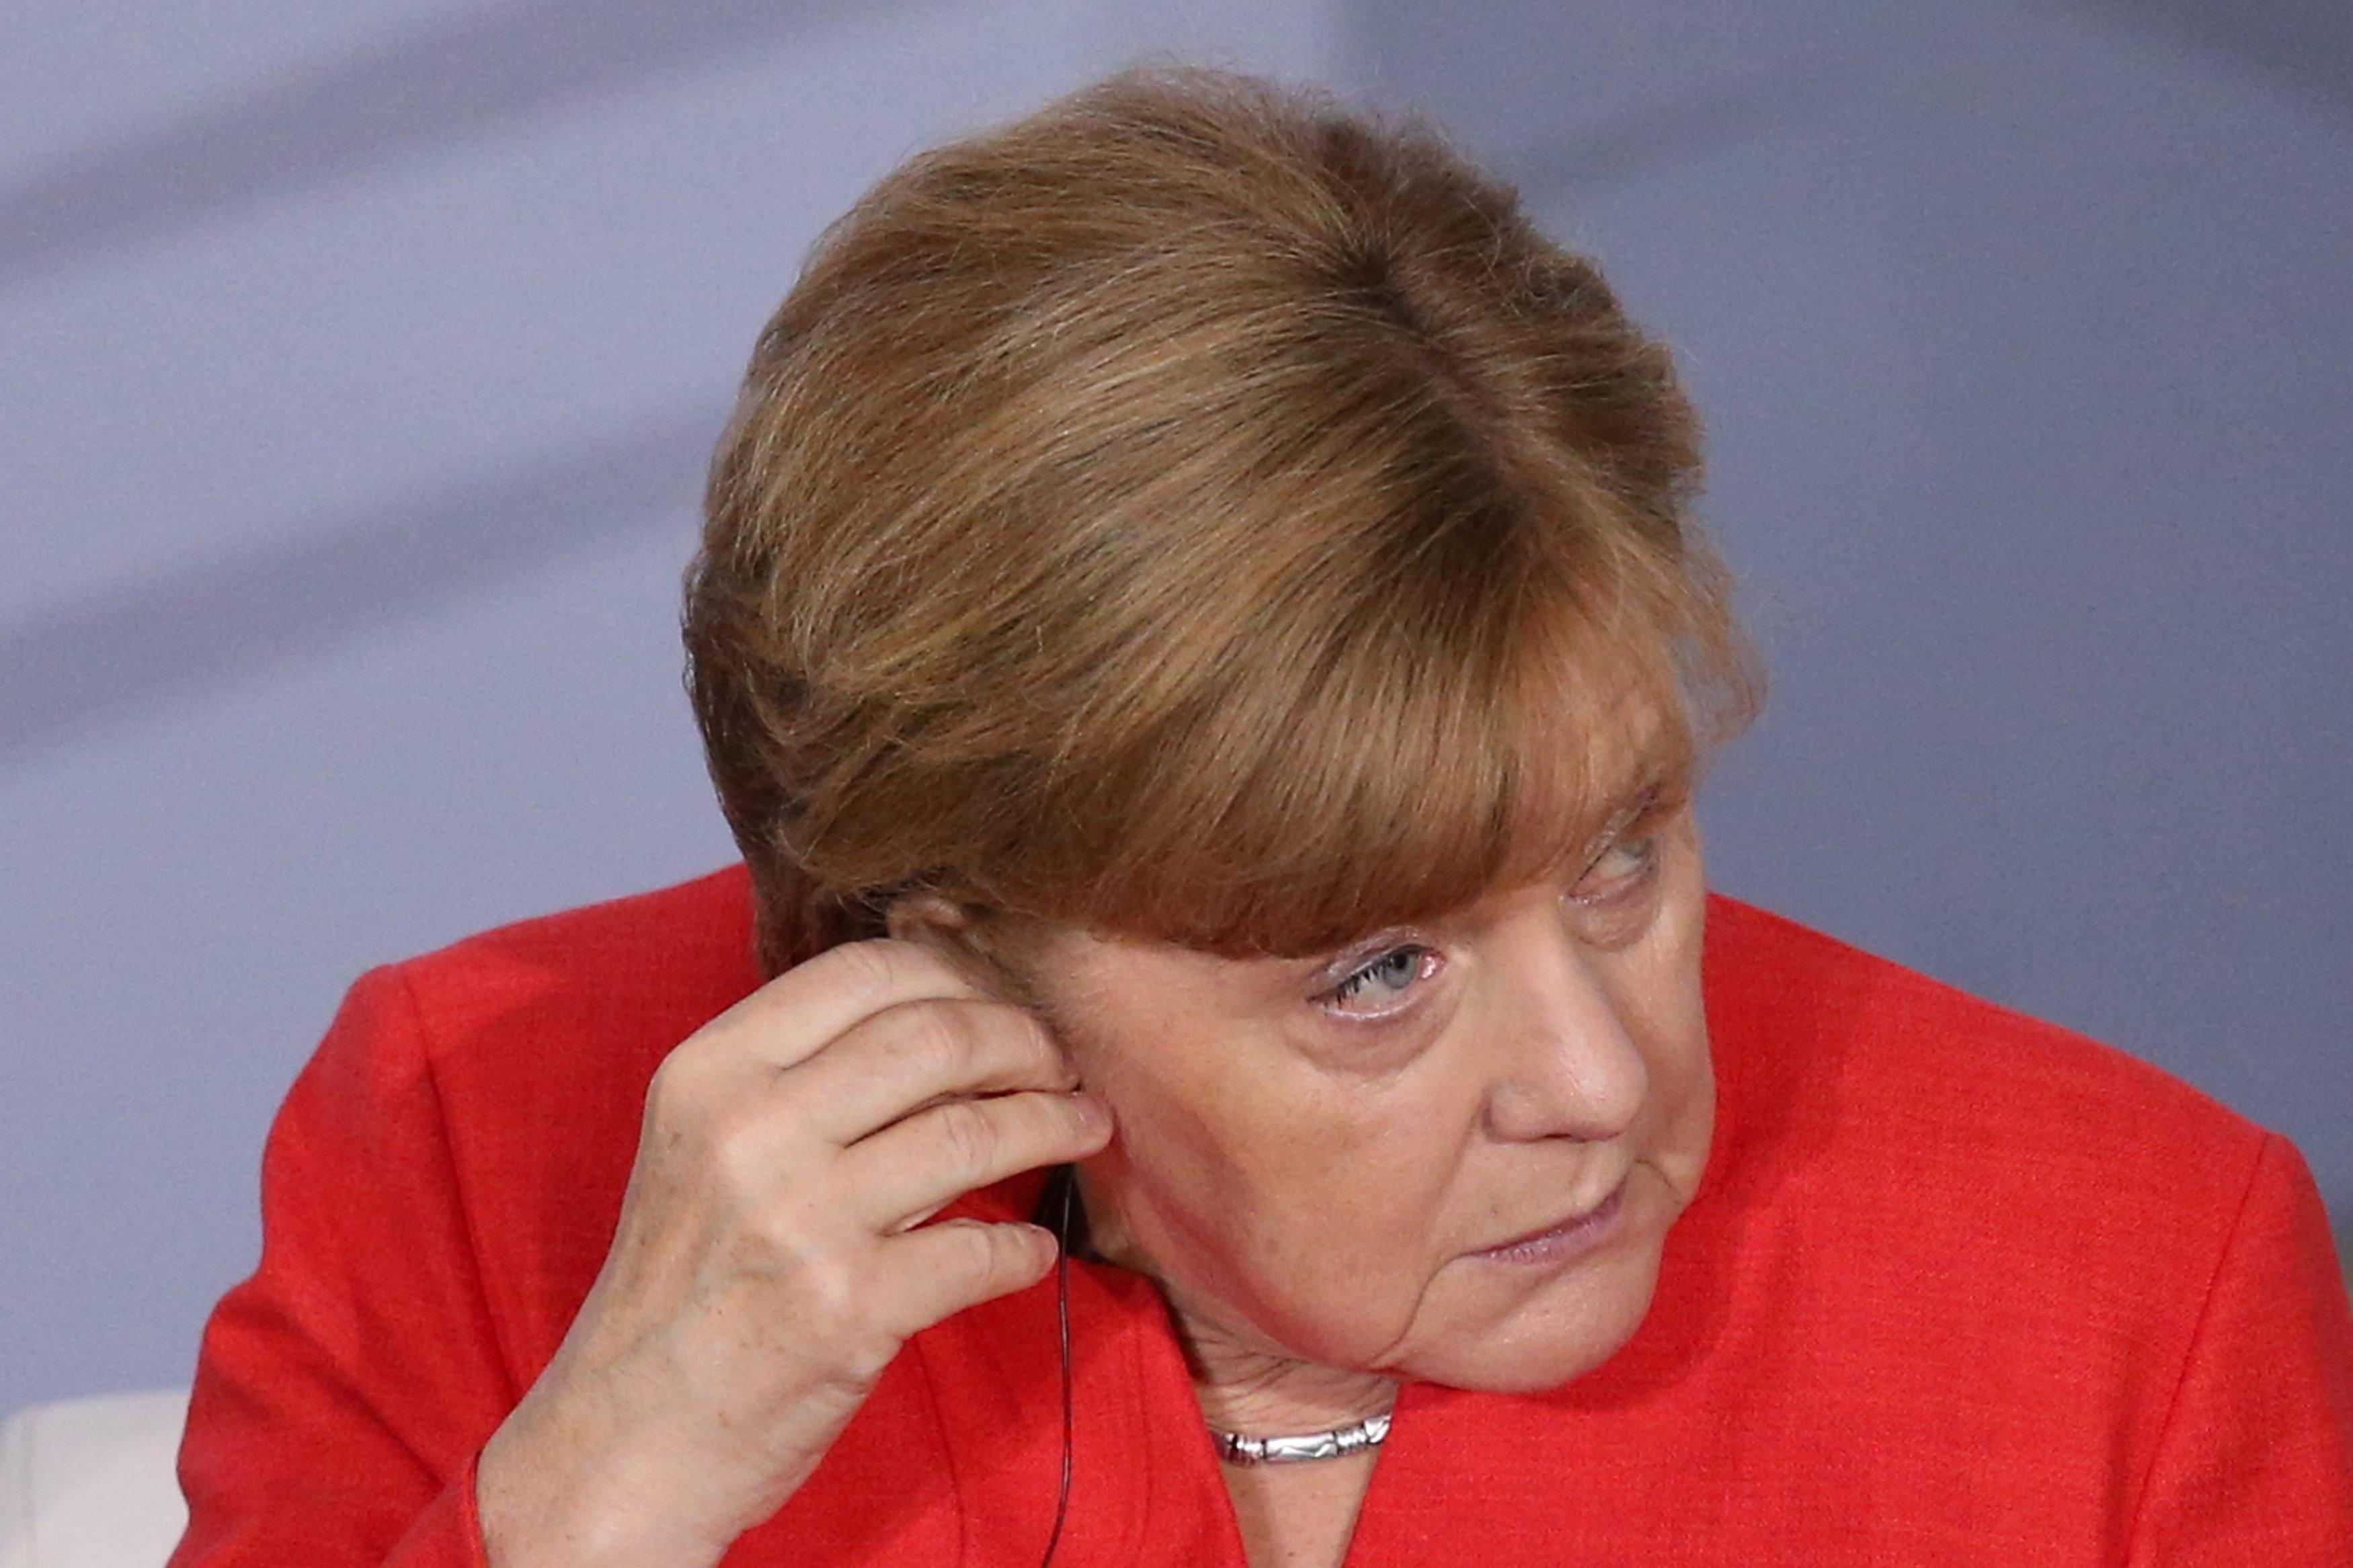 """Angela Merkel se muestra """"preocupada"""" por situación de Venezuela REUTERS/Edgard Garrido"""